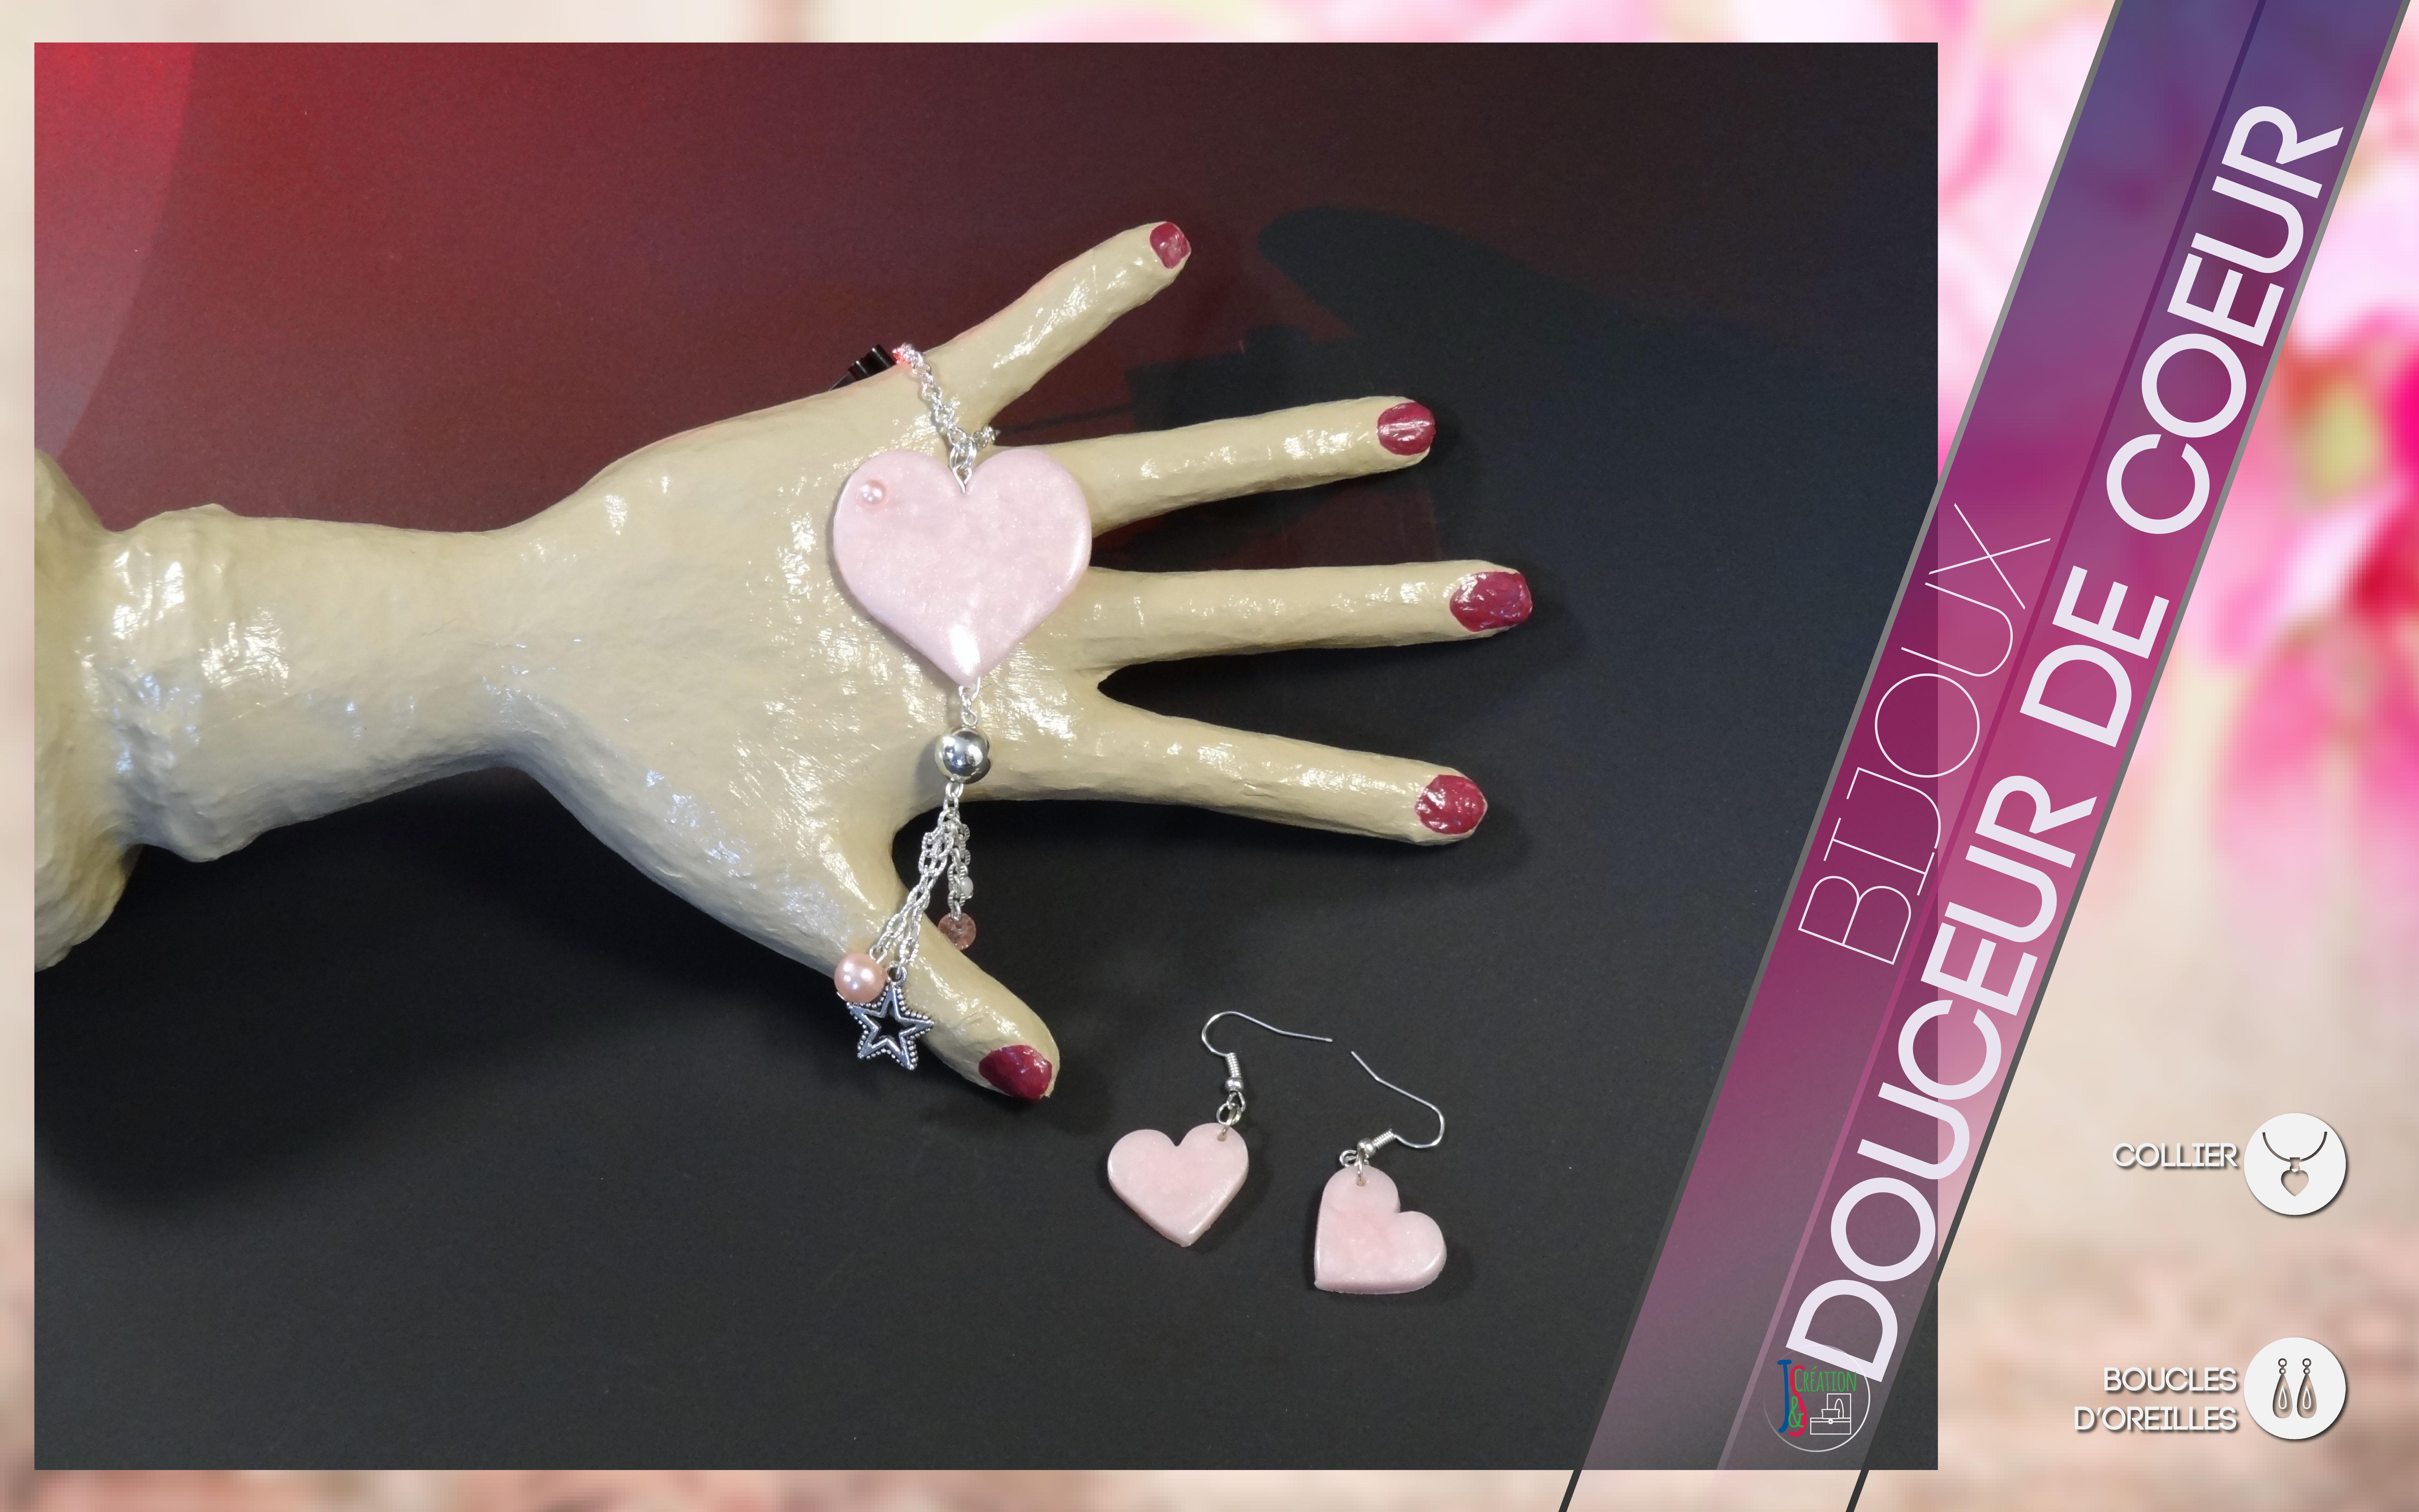 Collier & Boucles d'oreilles Collier et Boucles d'oreilles en forme de cœur de couleur rose, douce et sucrée. Bijoux vendu à l'unité : 3,50€